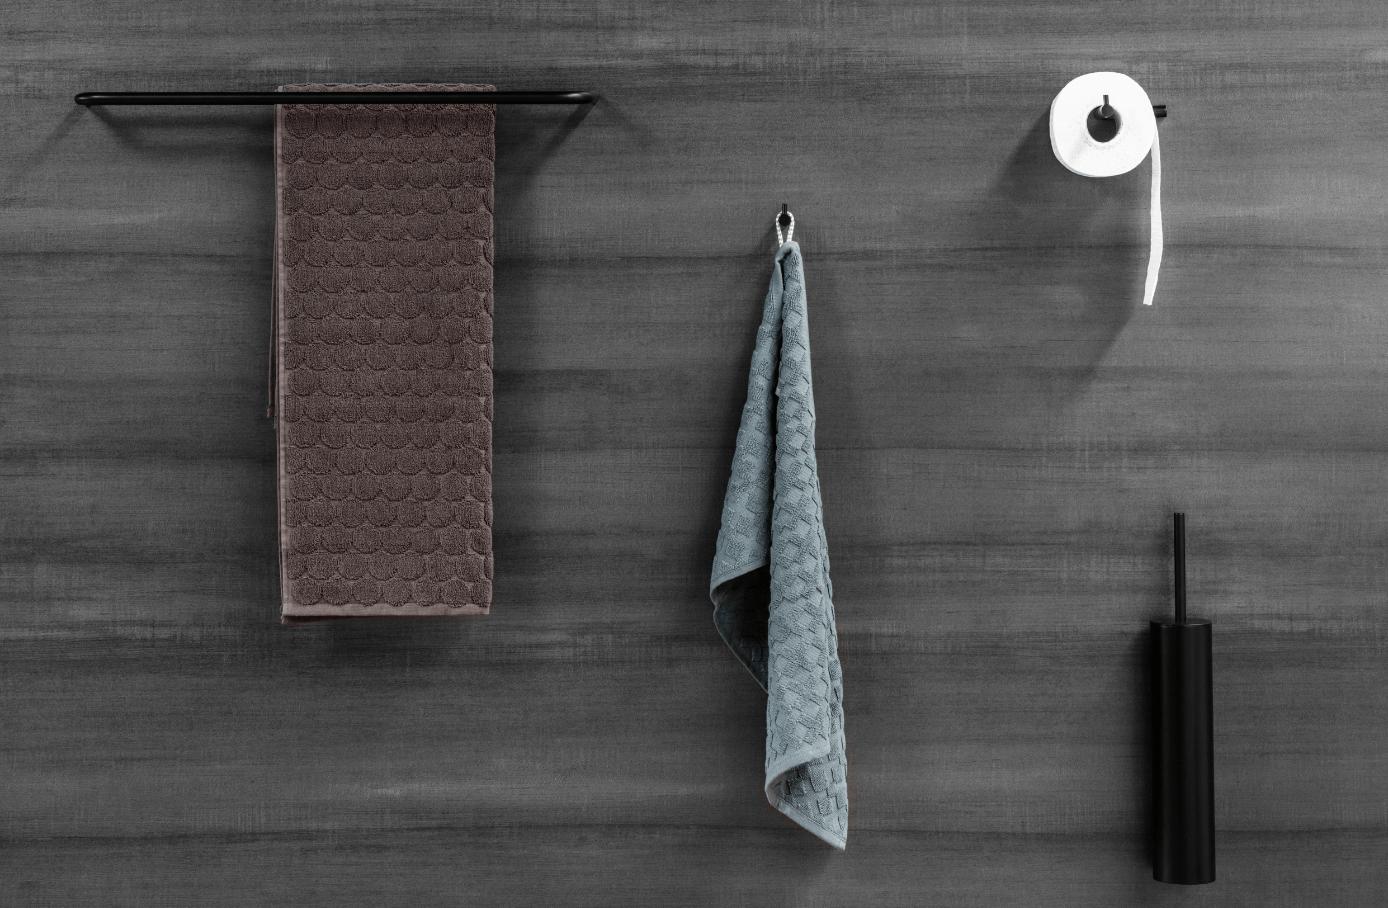 Toilet Accessoires Zwart : Mat zwarte badkameraccessoires een prachtige luxe uitstraling!